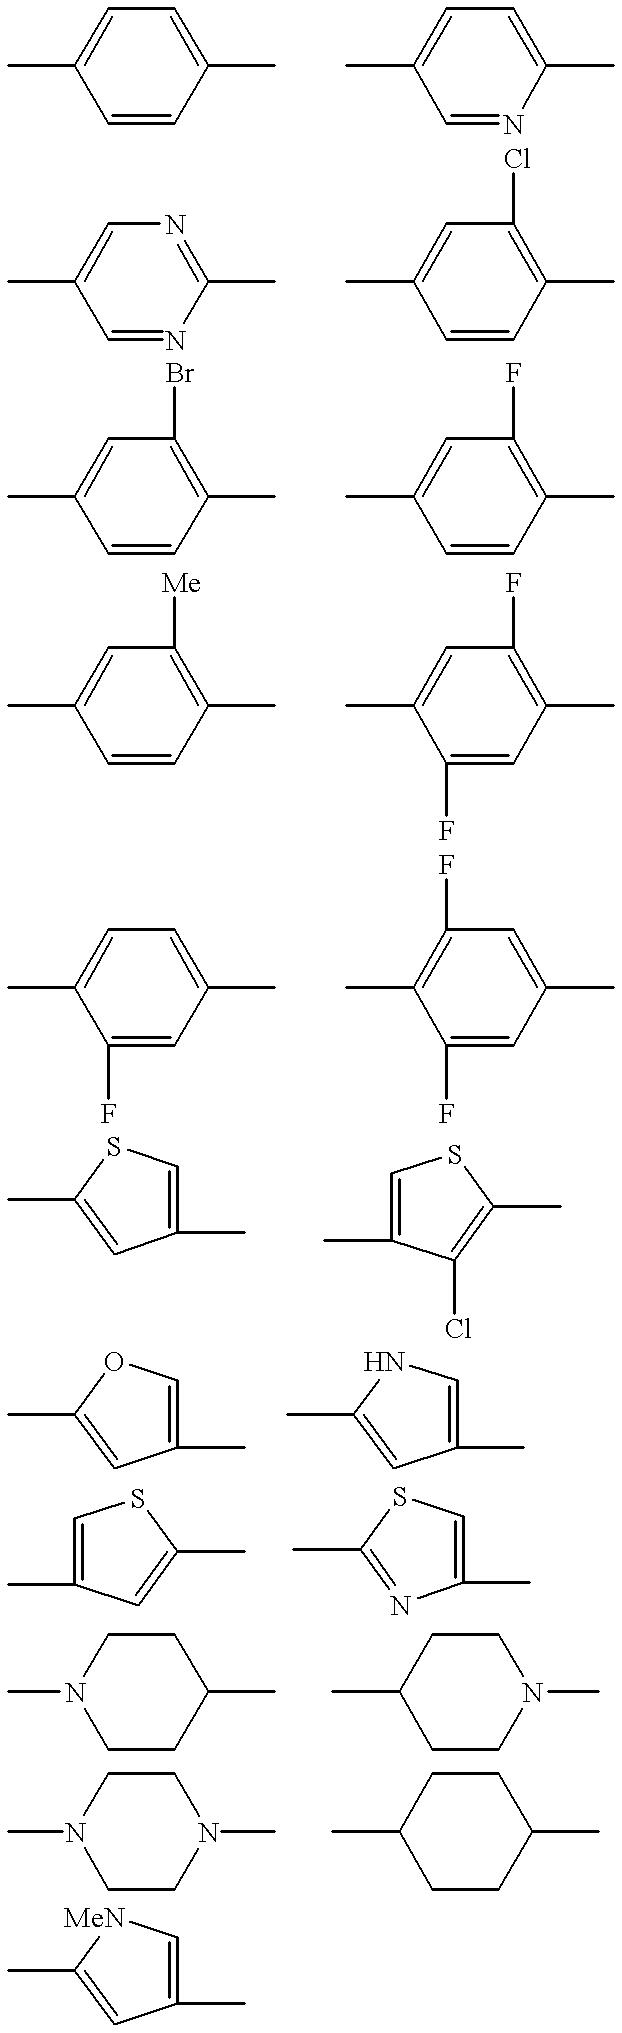 Figure US06376515-20020423-C00022